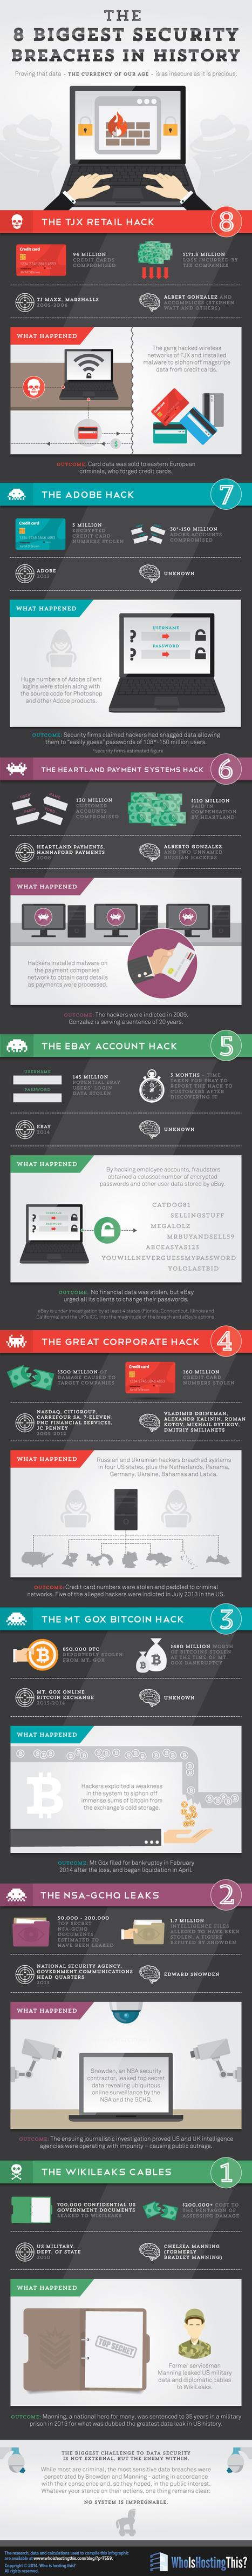 8 Worst #Security #Breaches: Is Your #Data Safe? | #Security #InfoSec #CyberSecurity #Sécurité #CyberSécurité #CyberDefence & #DevOps #DevSecOps | Scoop.it